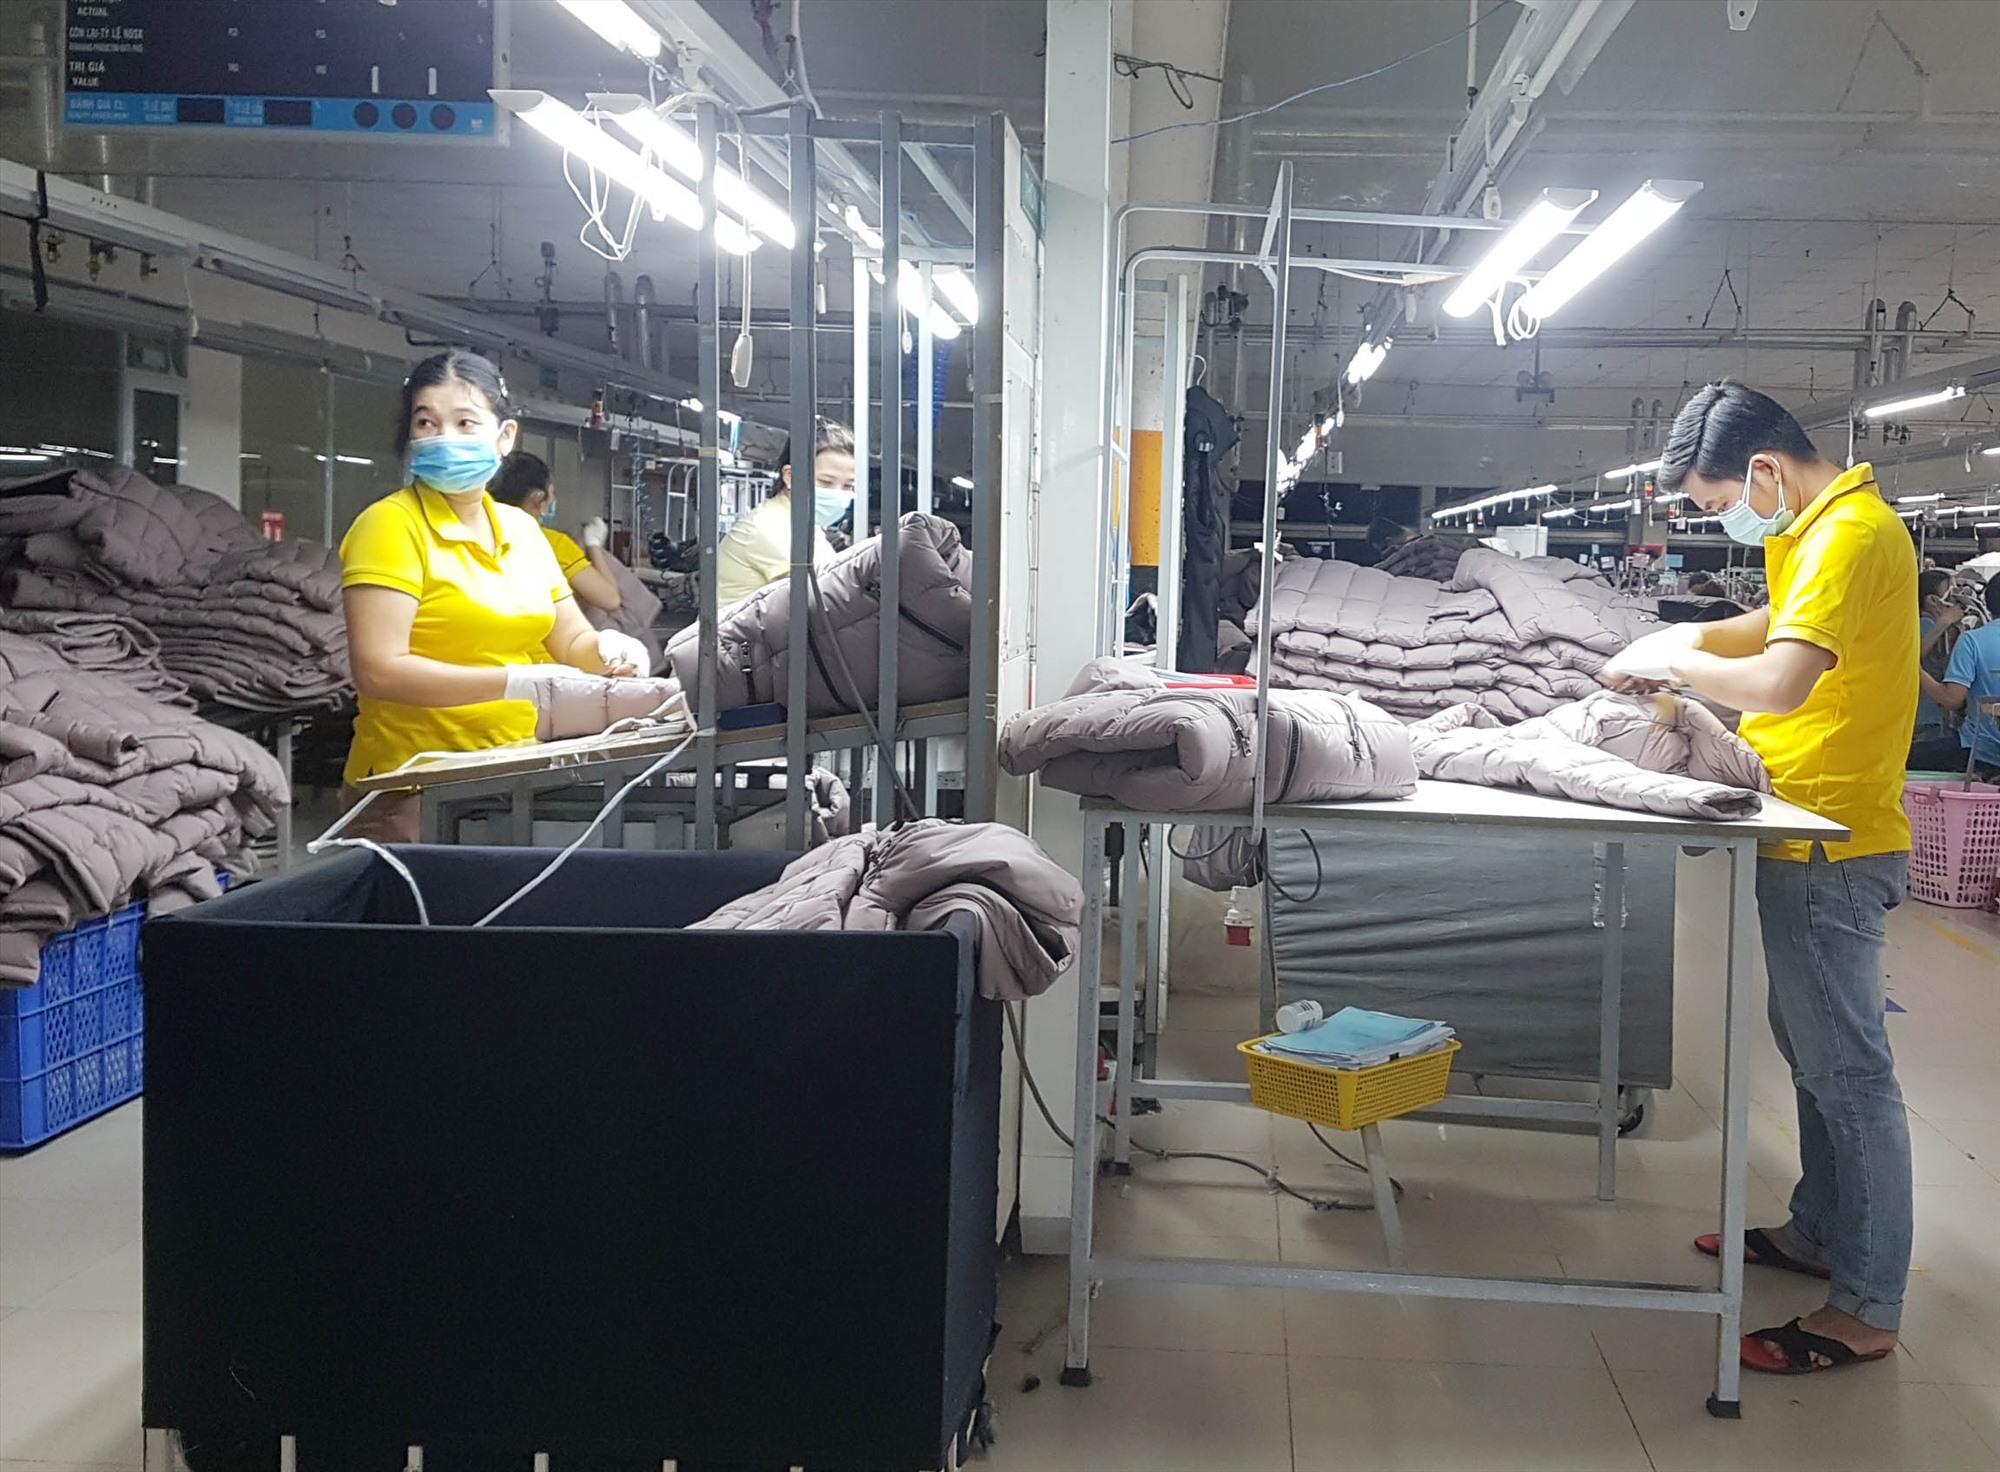 Mọi sự hỗ trợ đối với người lao động bị mất việc làm do dịch bệnh đều rất cần thiết. Ảnh: D.L